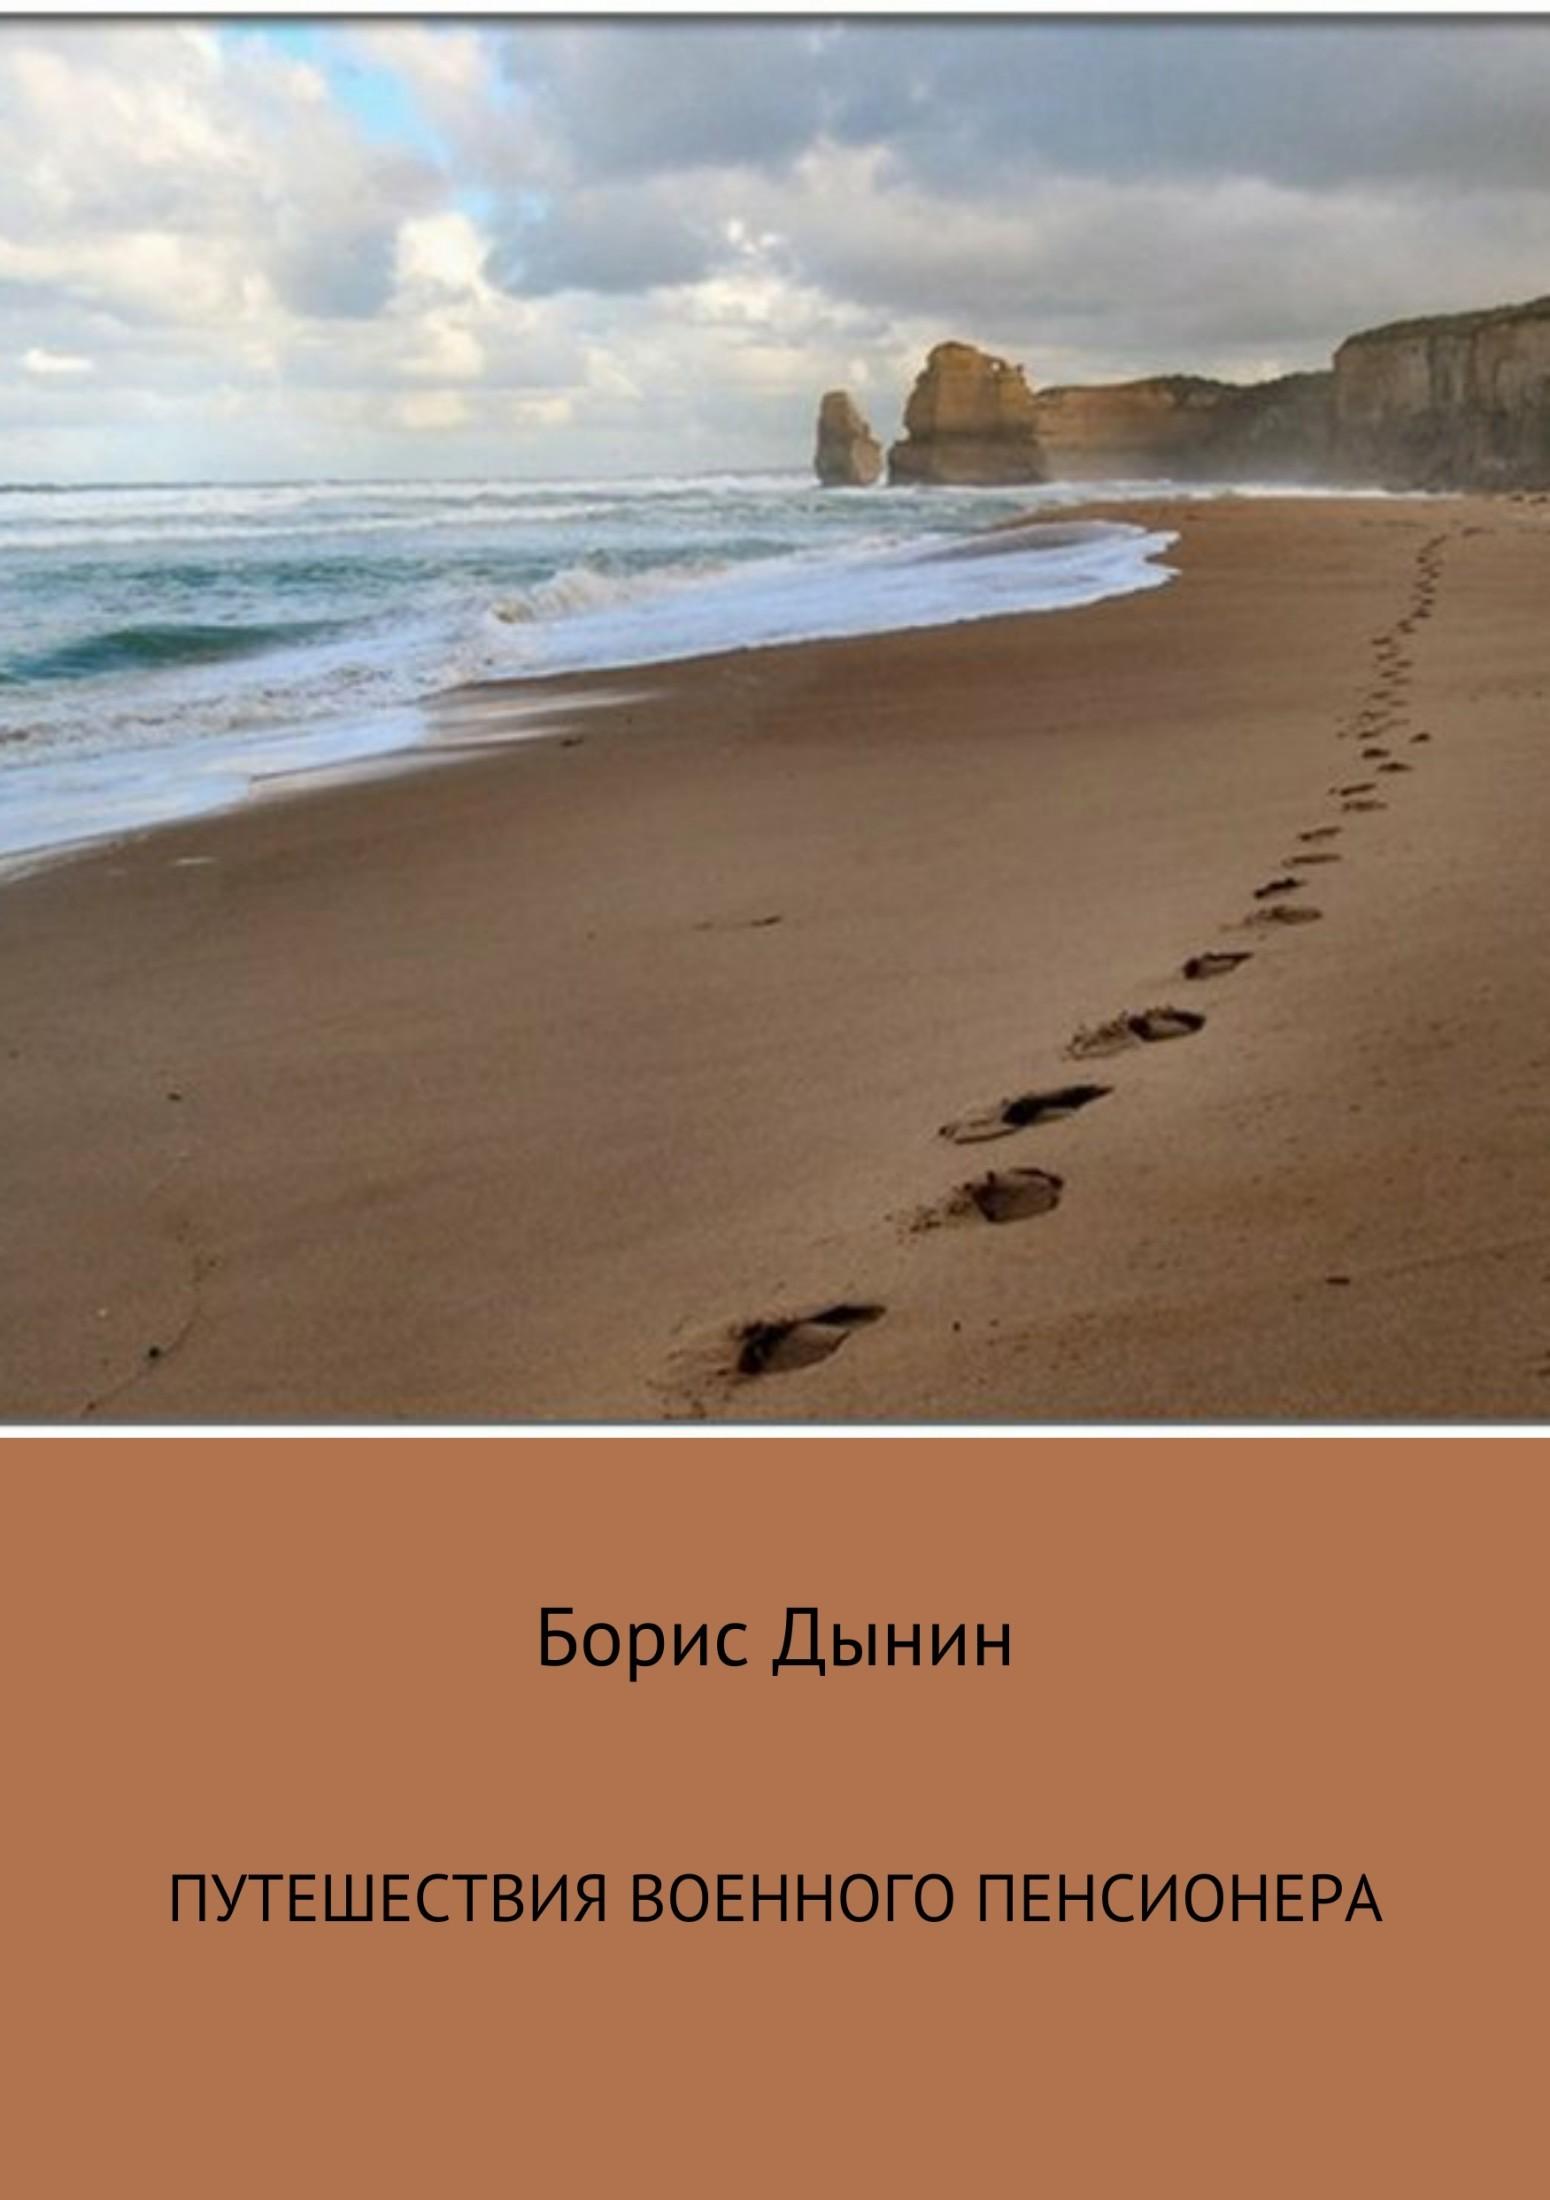 Борис Дынин - Путешествия военного пенсионера